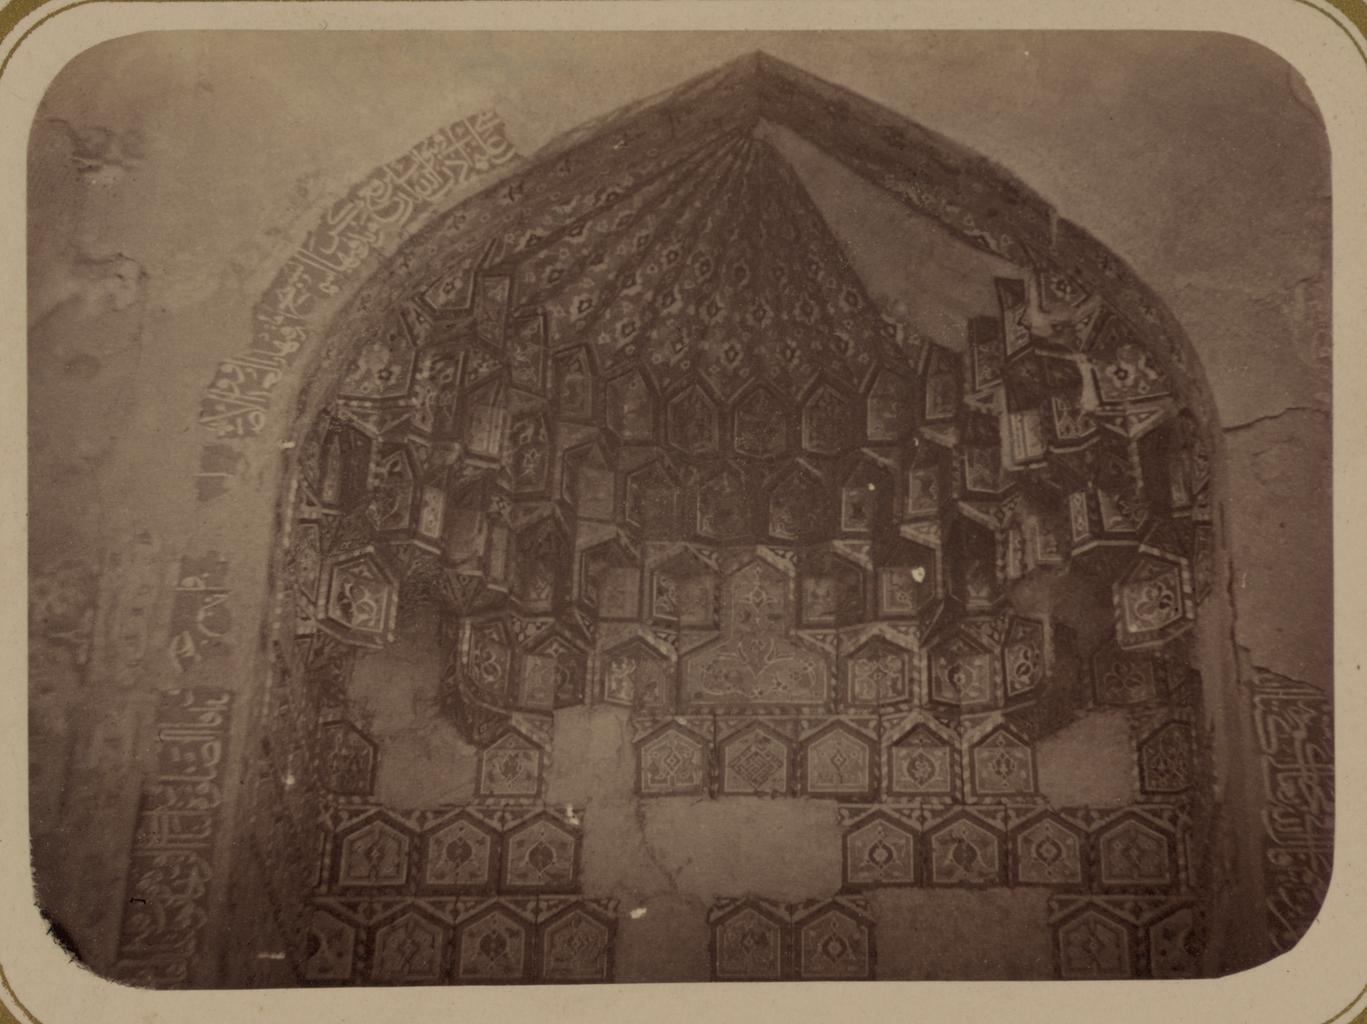 Мавзолей Айнэ-Ханэ (эмира Муссы). Верхняя деталь внутренней ниши